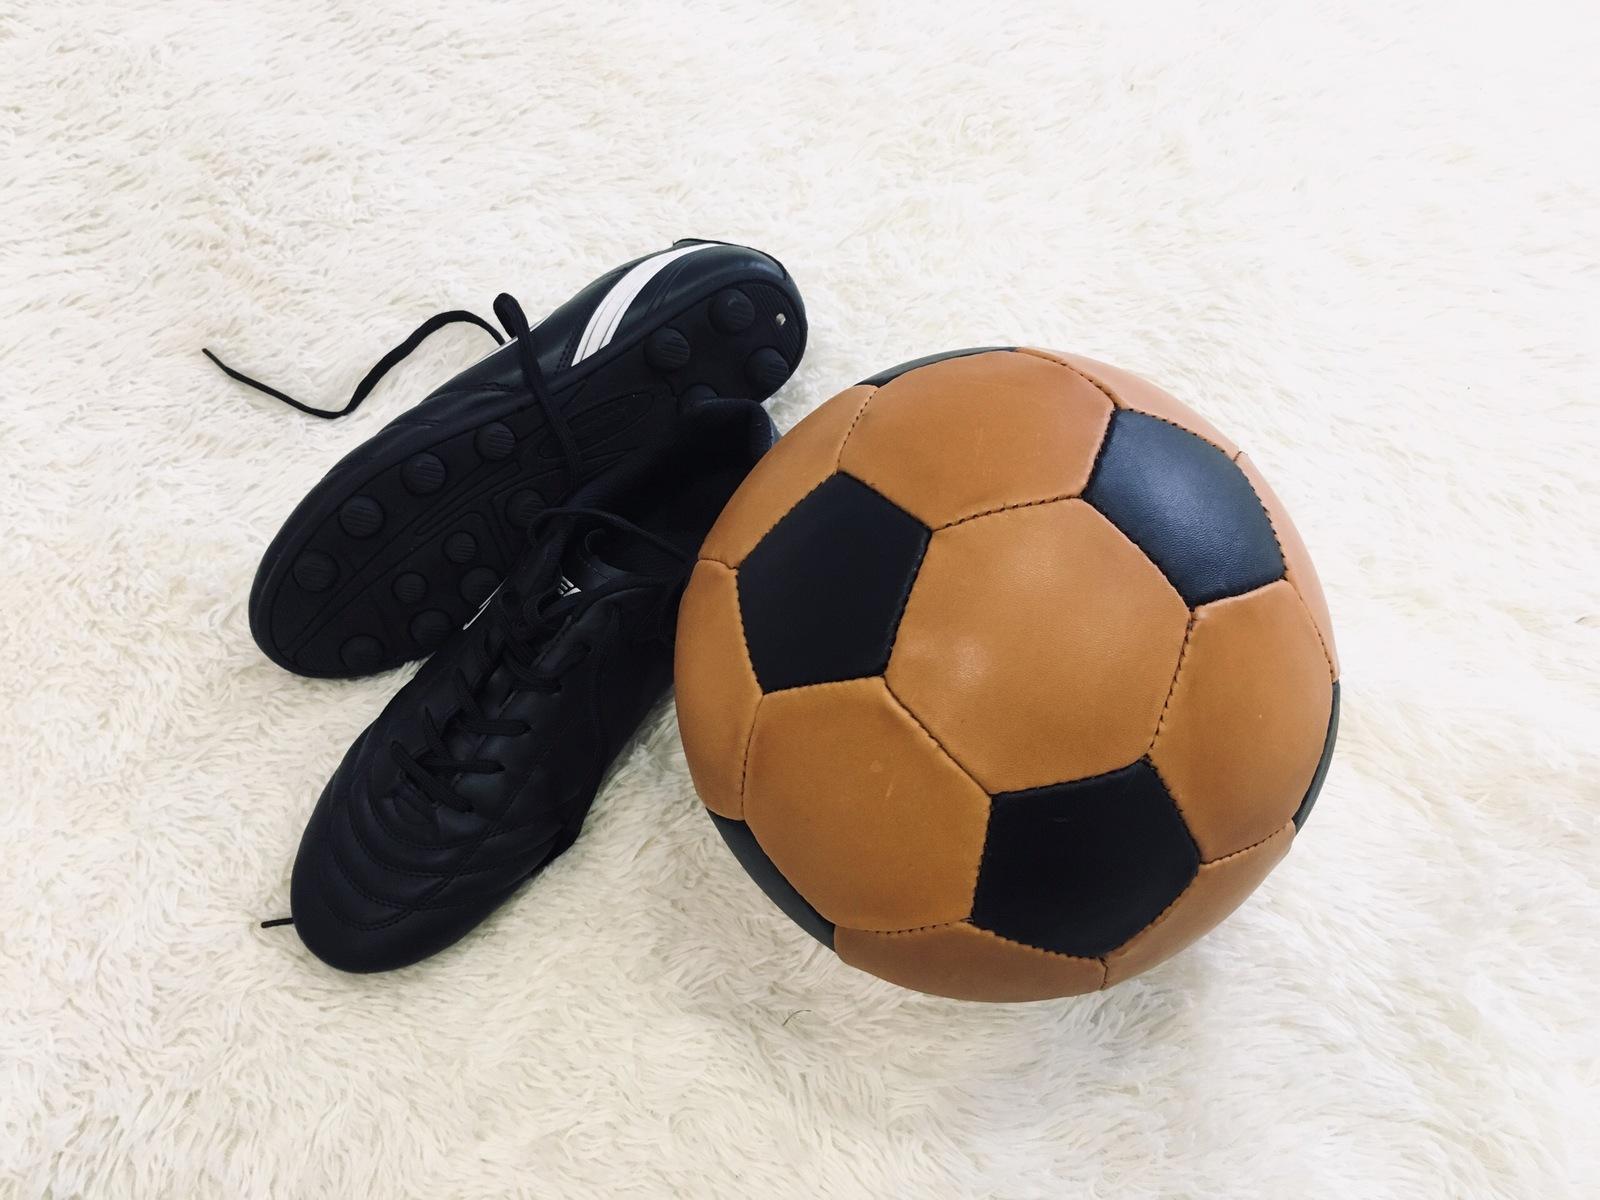 e3813c0db2c69b Как я мяч сшил из кожи Футбольный мяч, Футбол, Кожа натуральная, Кожа,